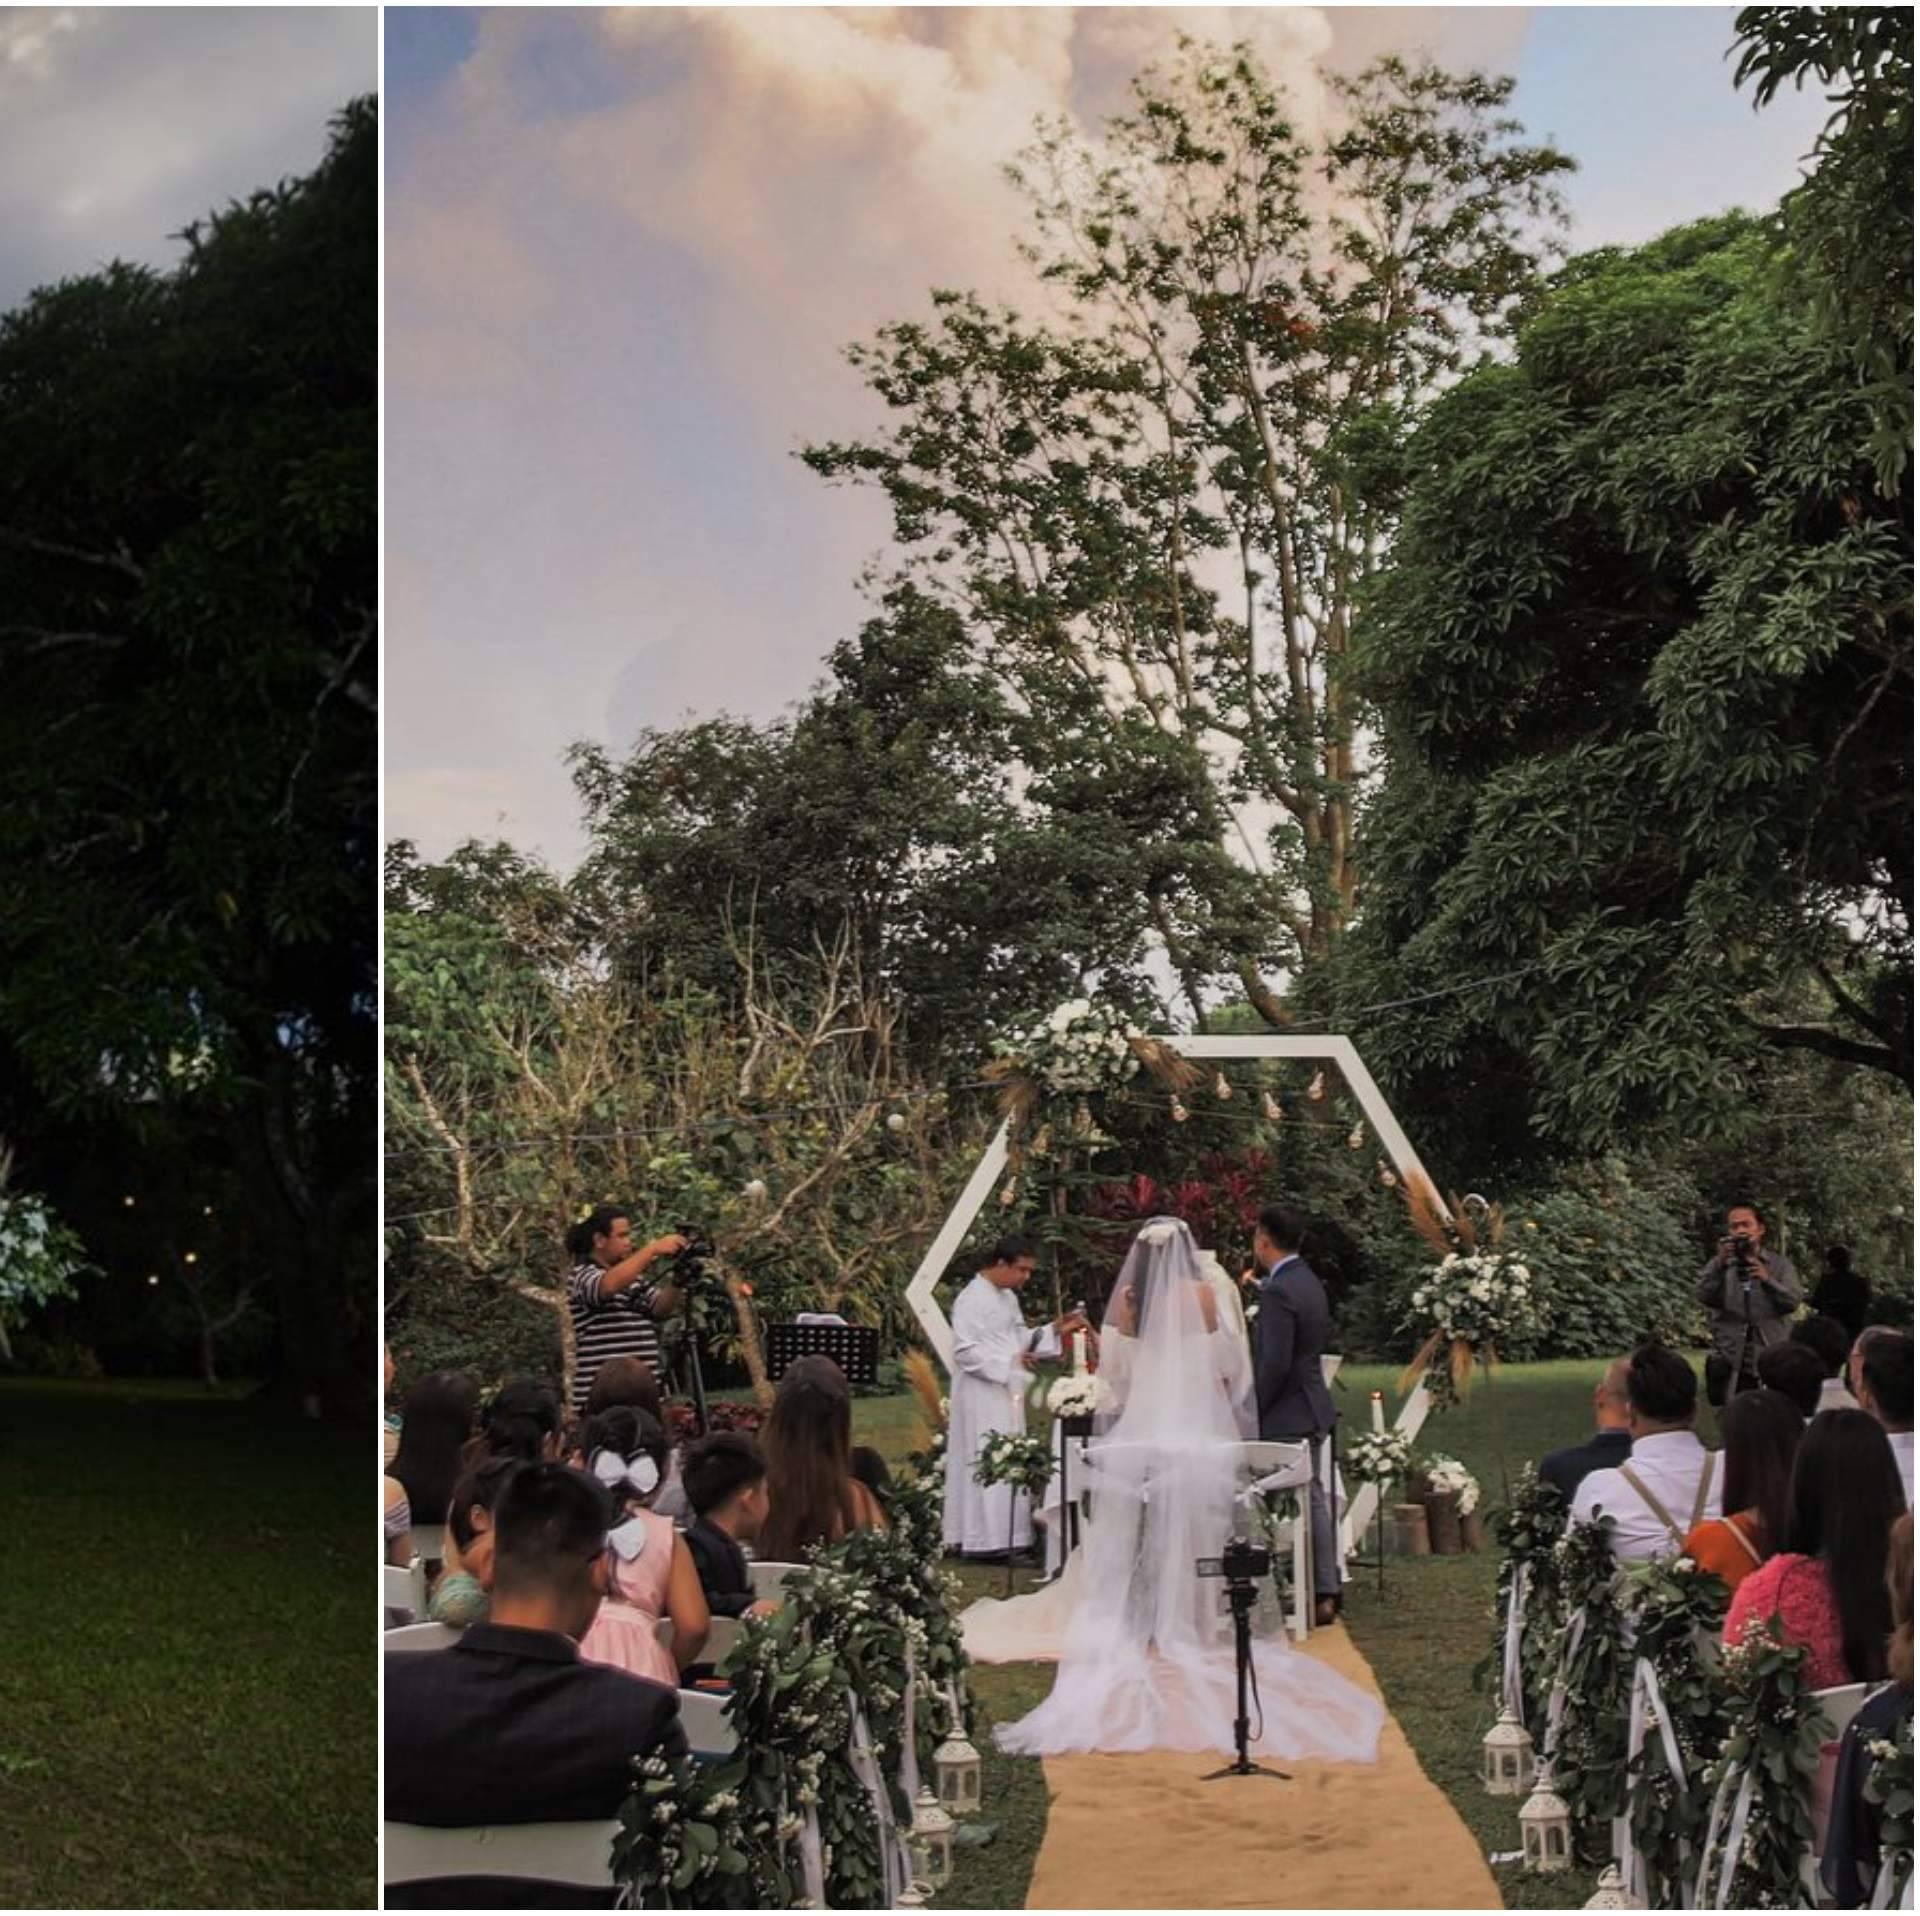 Vjenčali se za vrijeme erupcije: Ni vulkan im nije dan pokvario